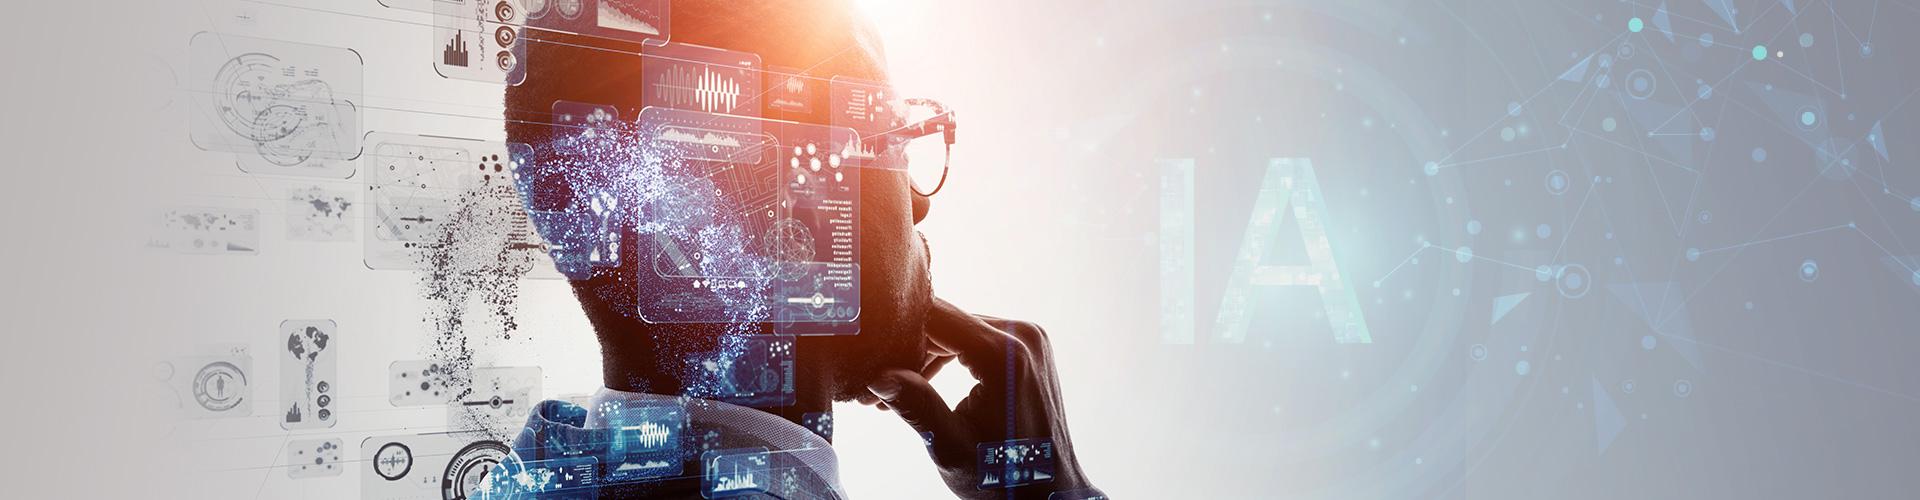 L'intelligence artificielle au service des RH (ressources humaines)